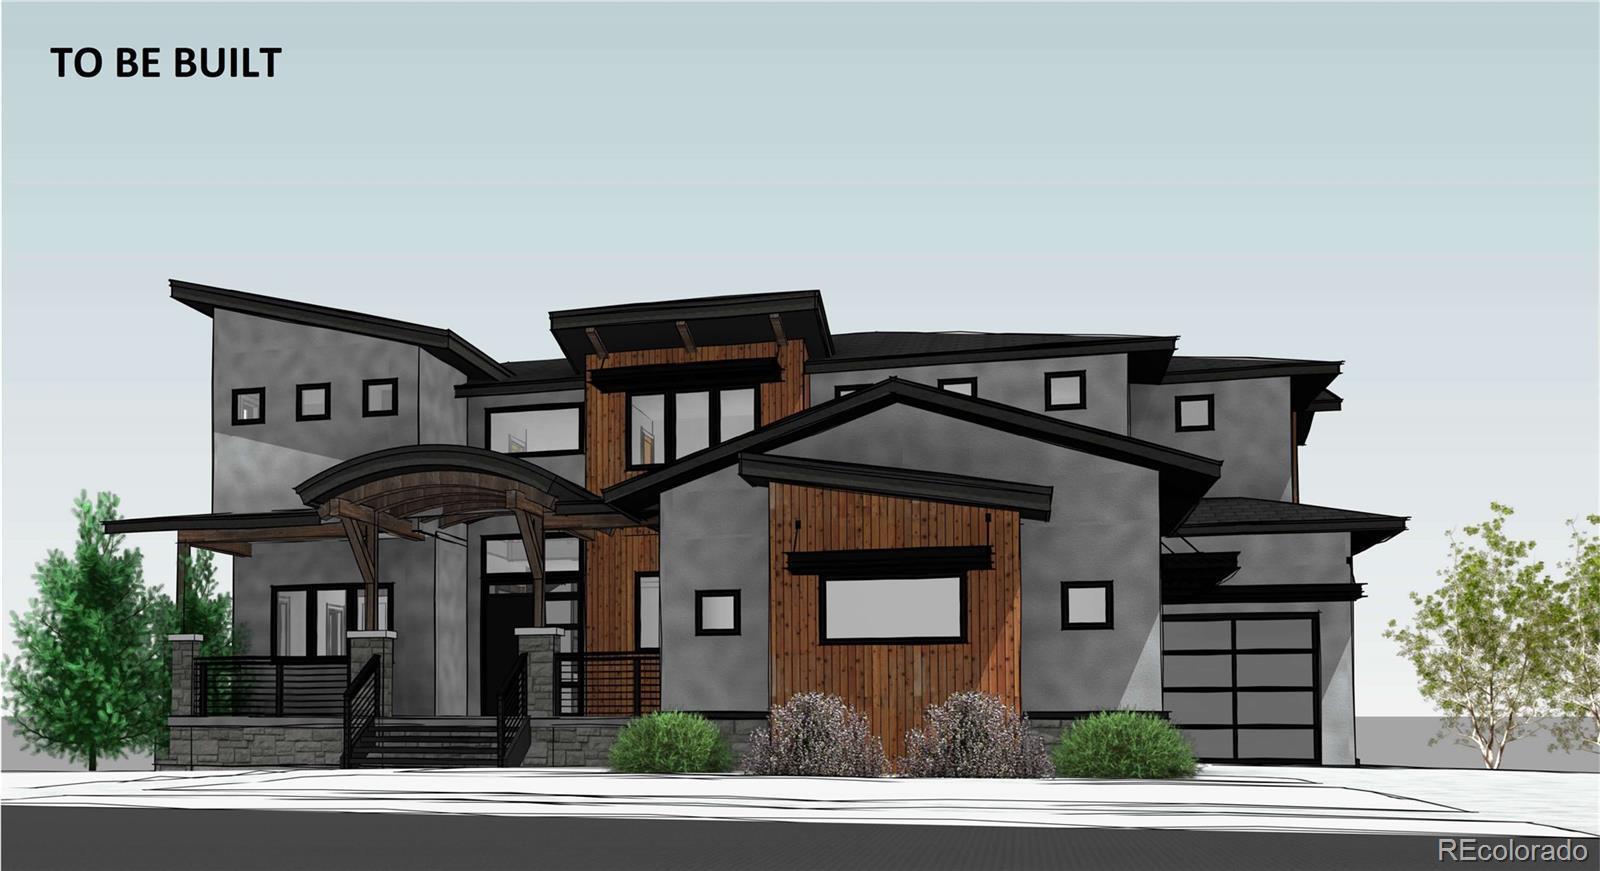 3489 W 154th Avenue, Broomfield, CO 80023 - #: 7050991